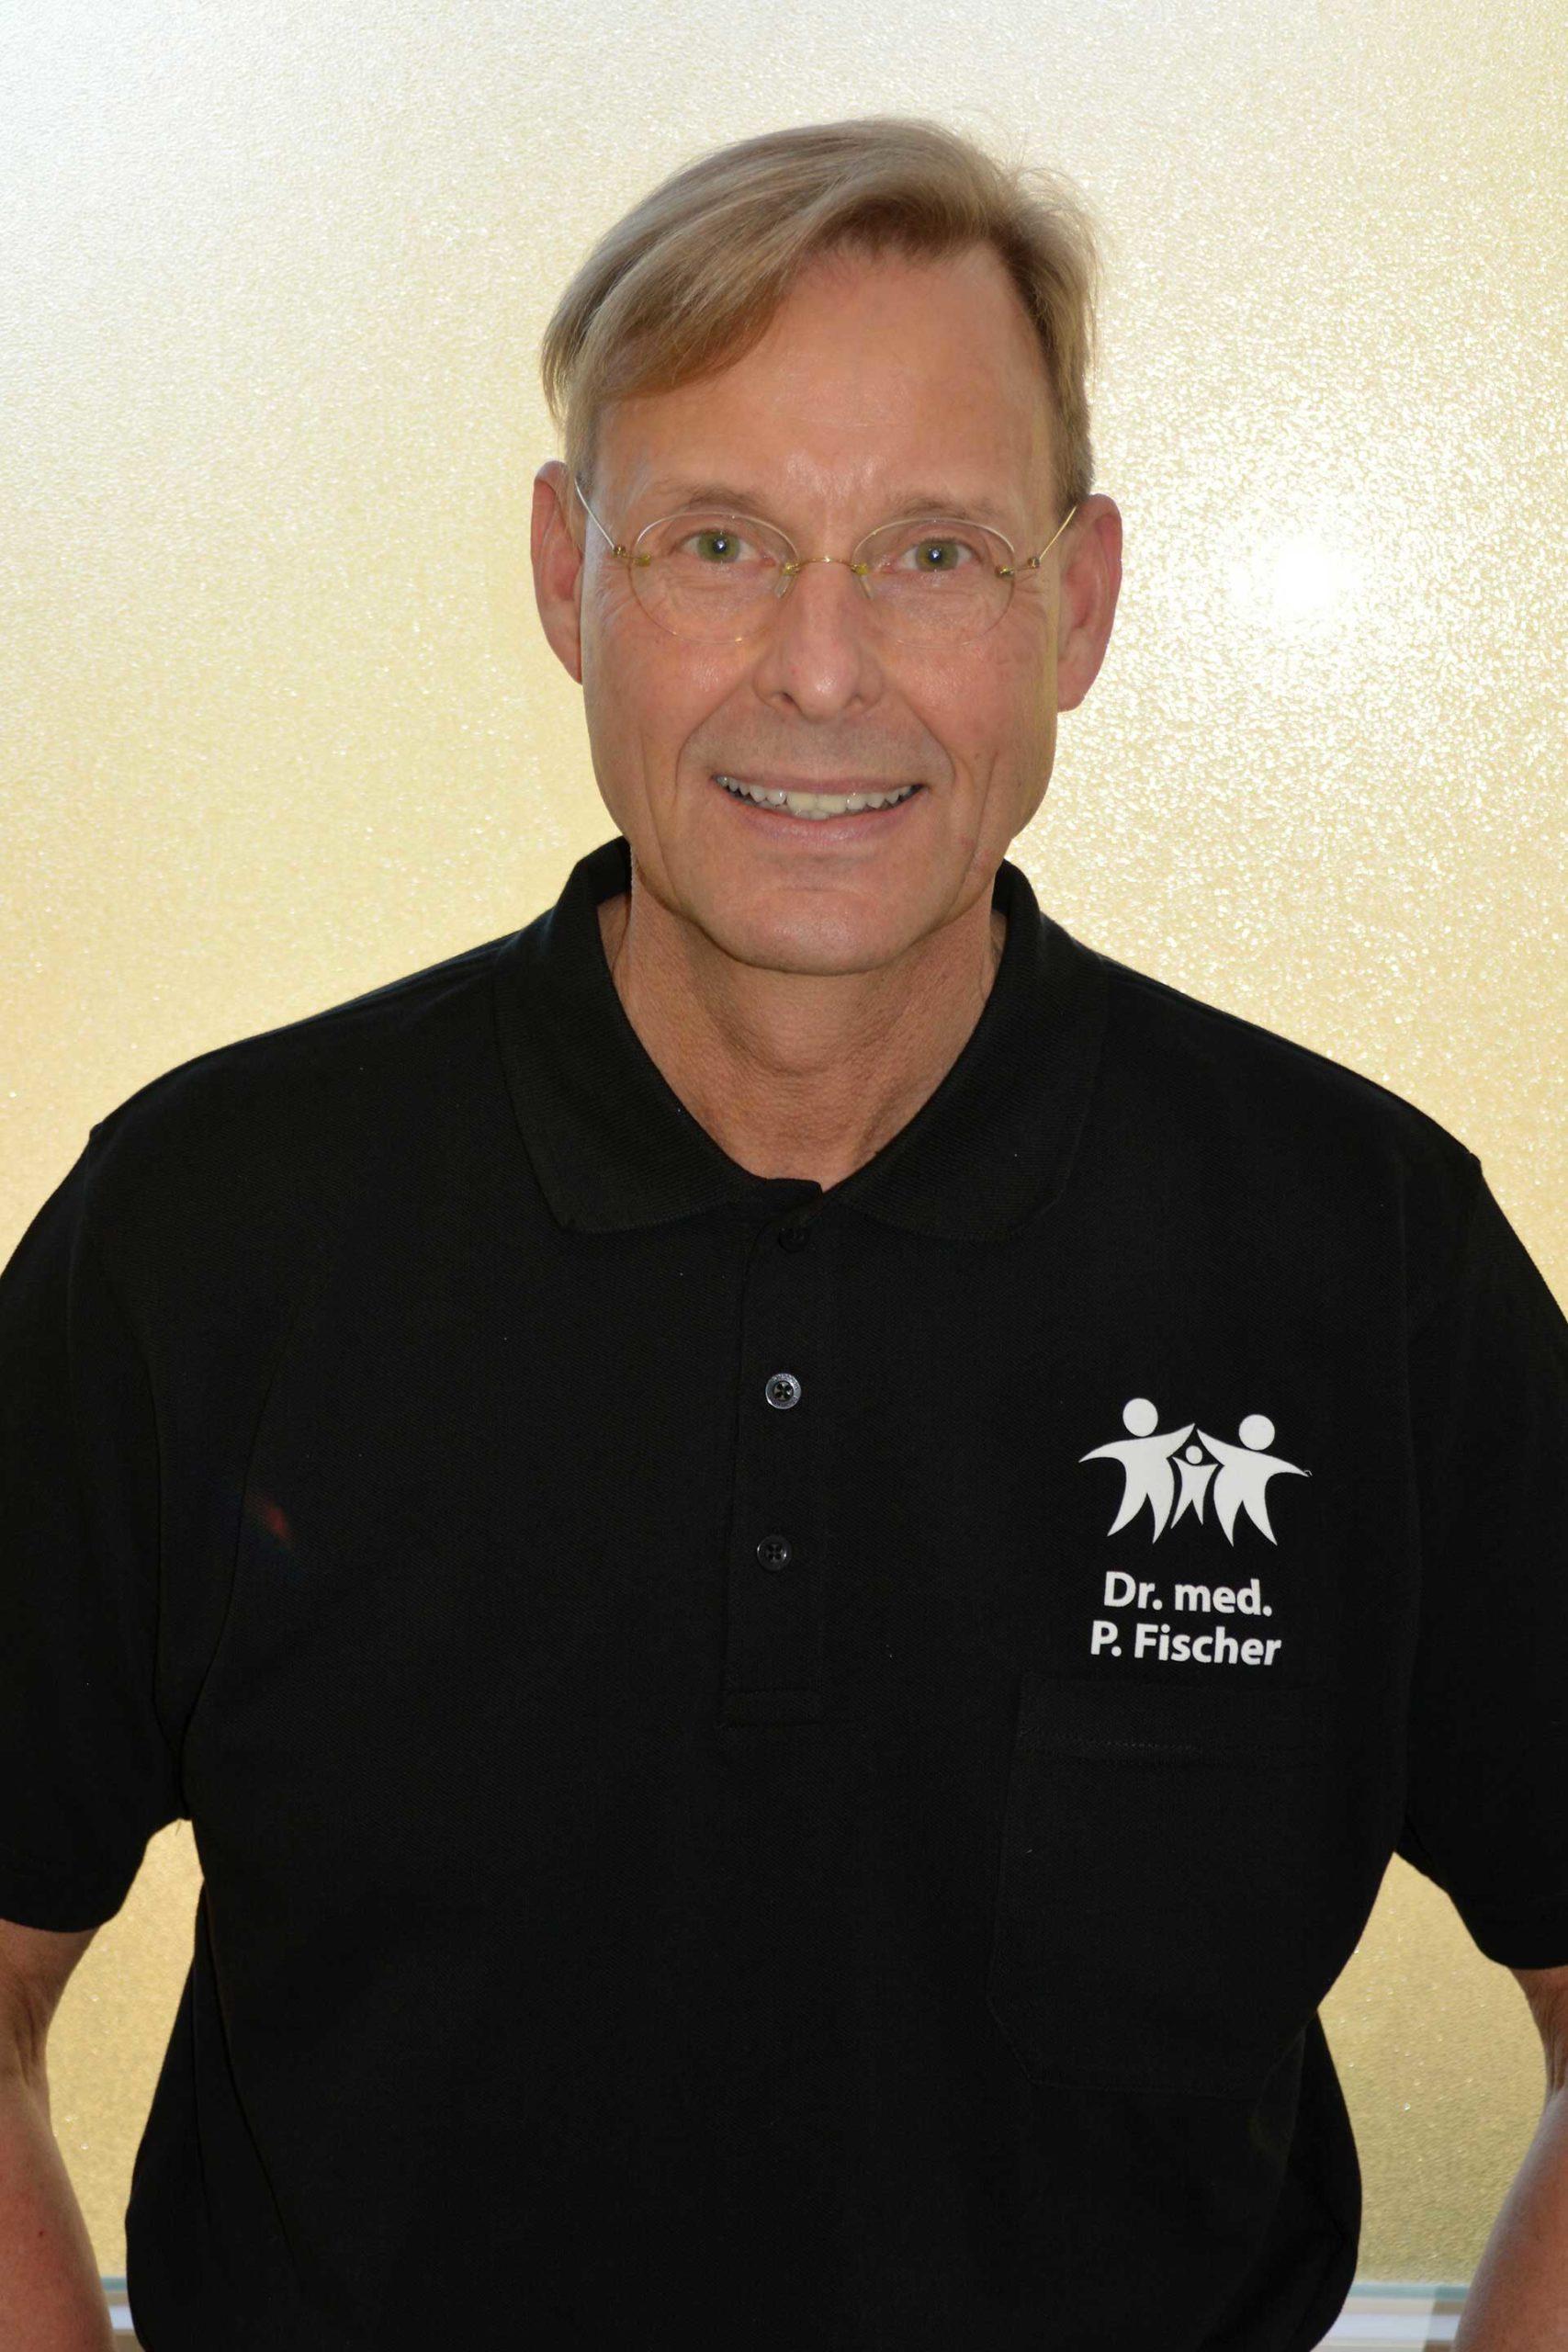 Dr. med. Peter M. Fischer